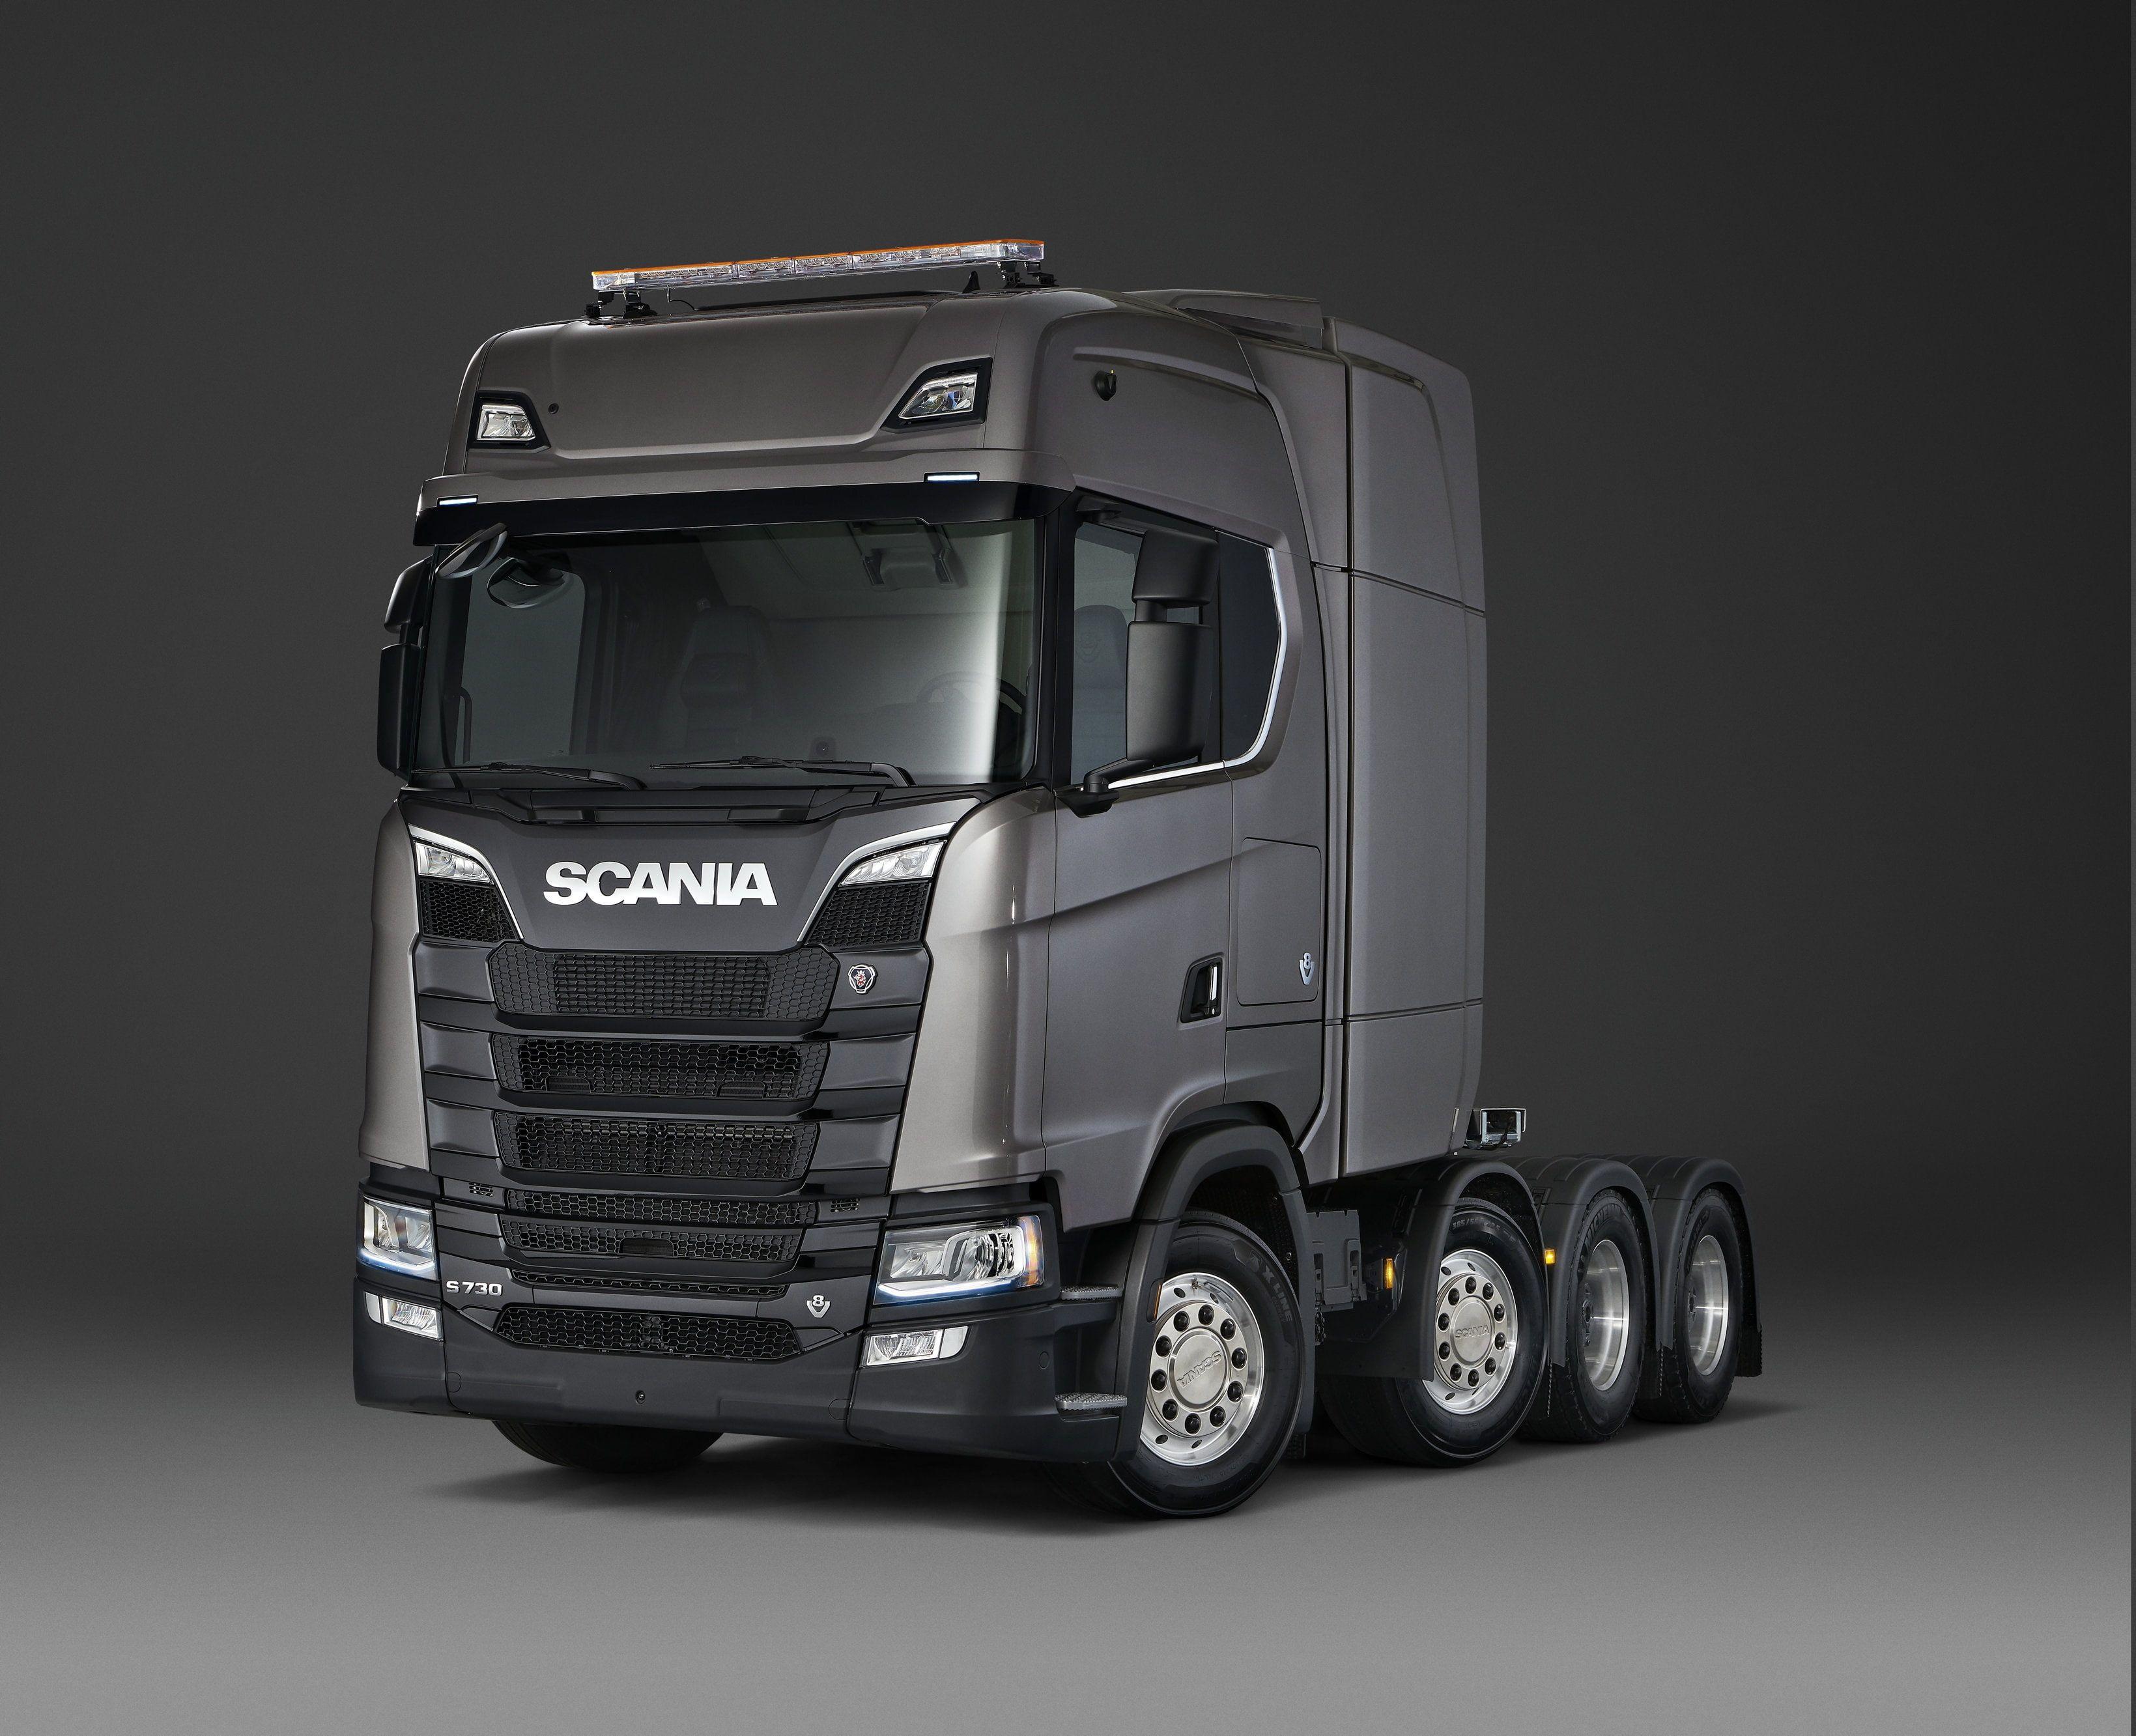 2017 730 Highline Scania 2k Wallpaper Hdwallpaper Desktop Trucks Big Trucks New Trucks